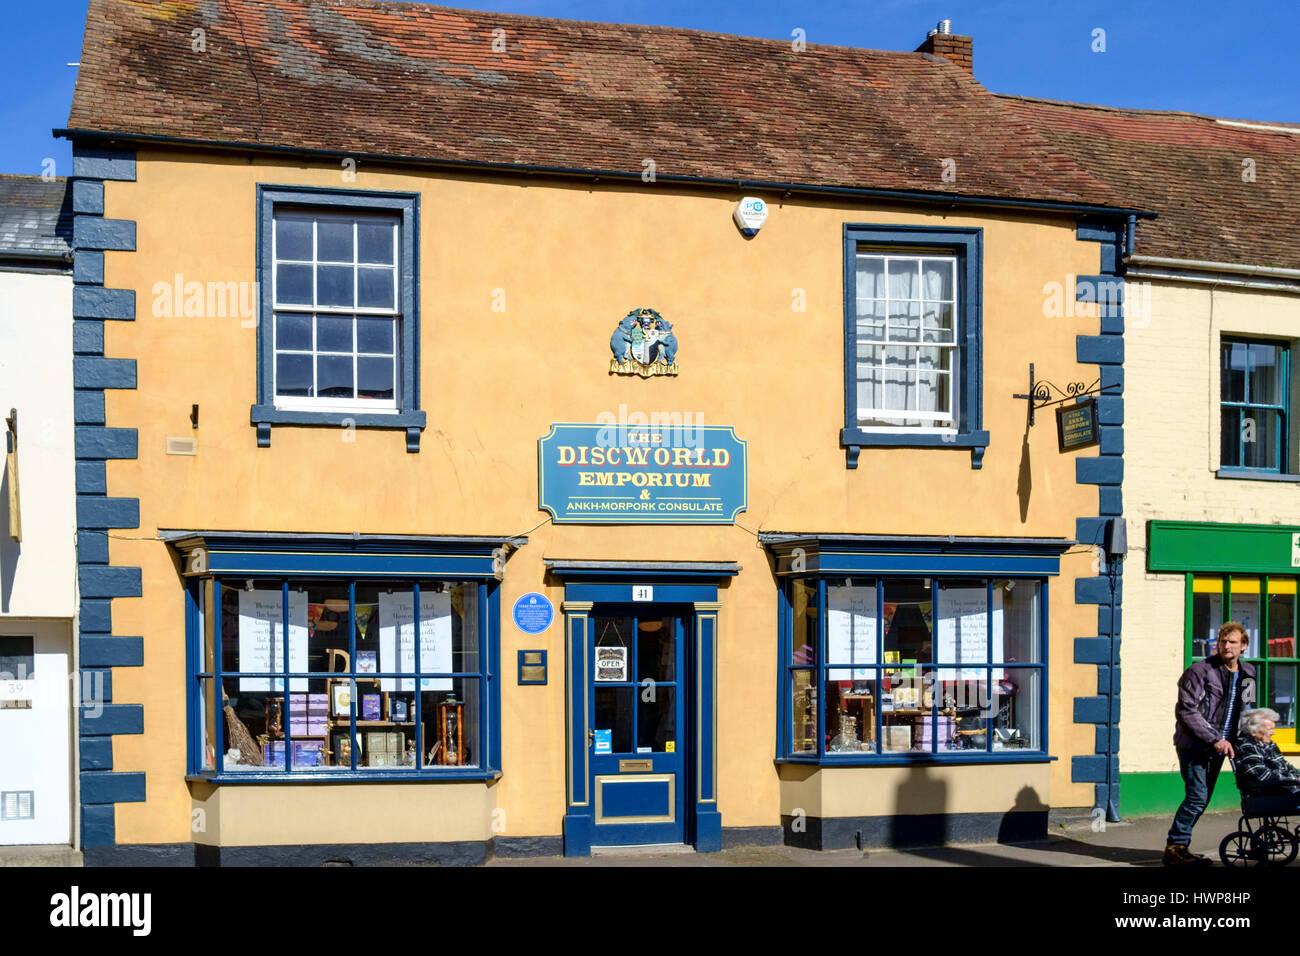 Vues de la ville de Wincanton en somerset England UK. Habile enchanteur Disque-monde Shop Photo Stock